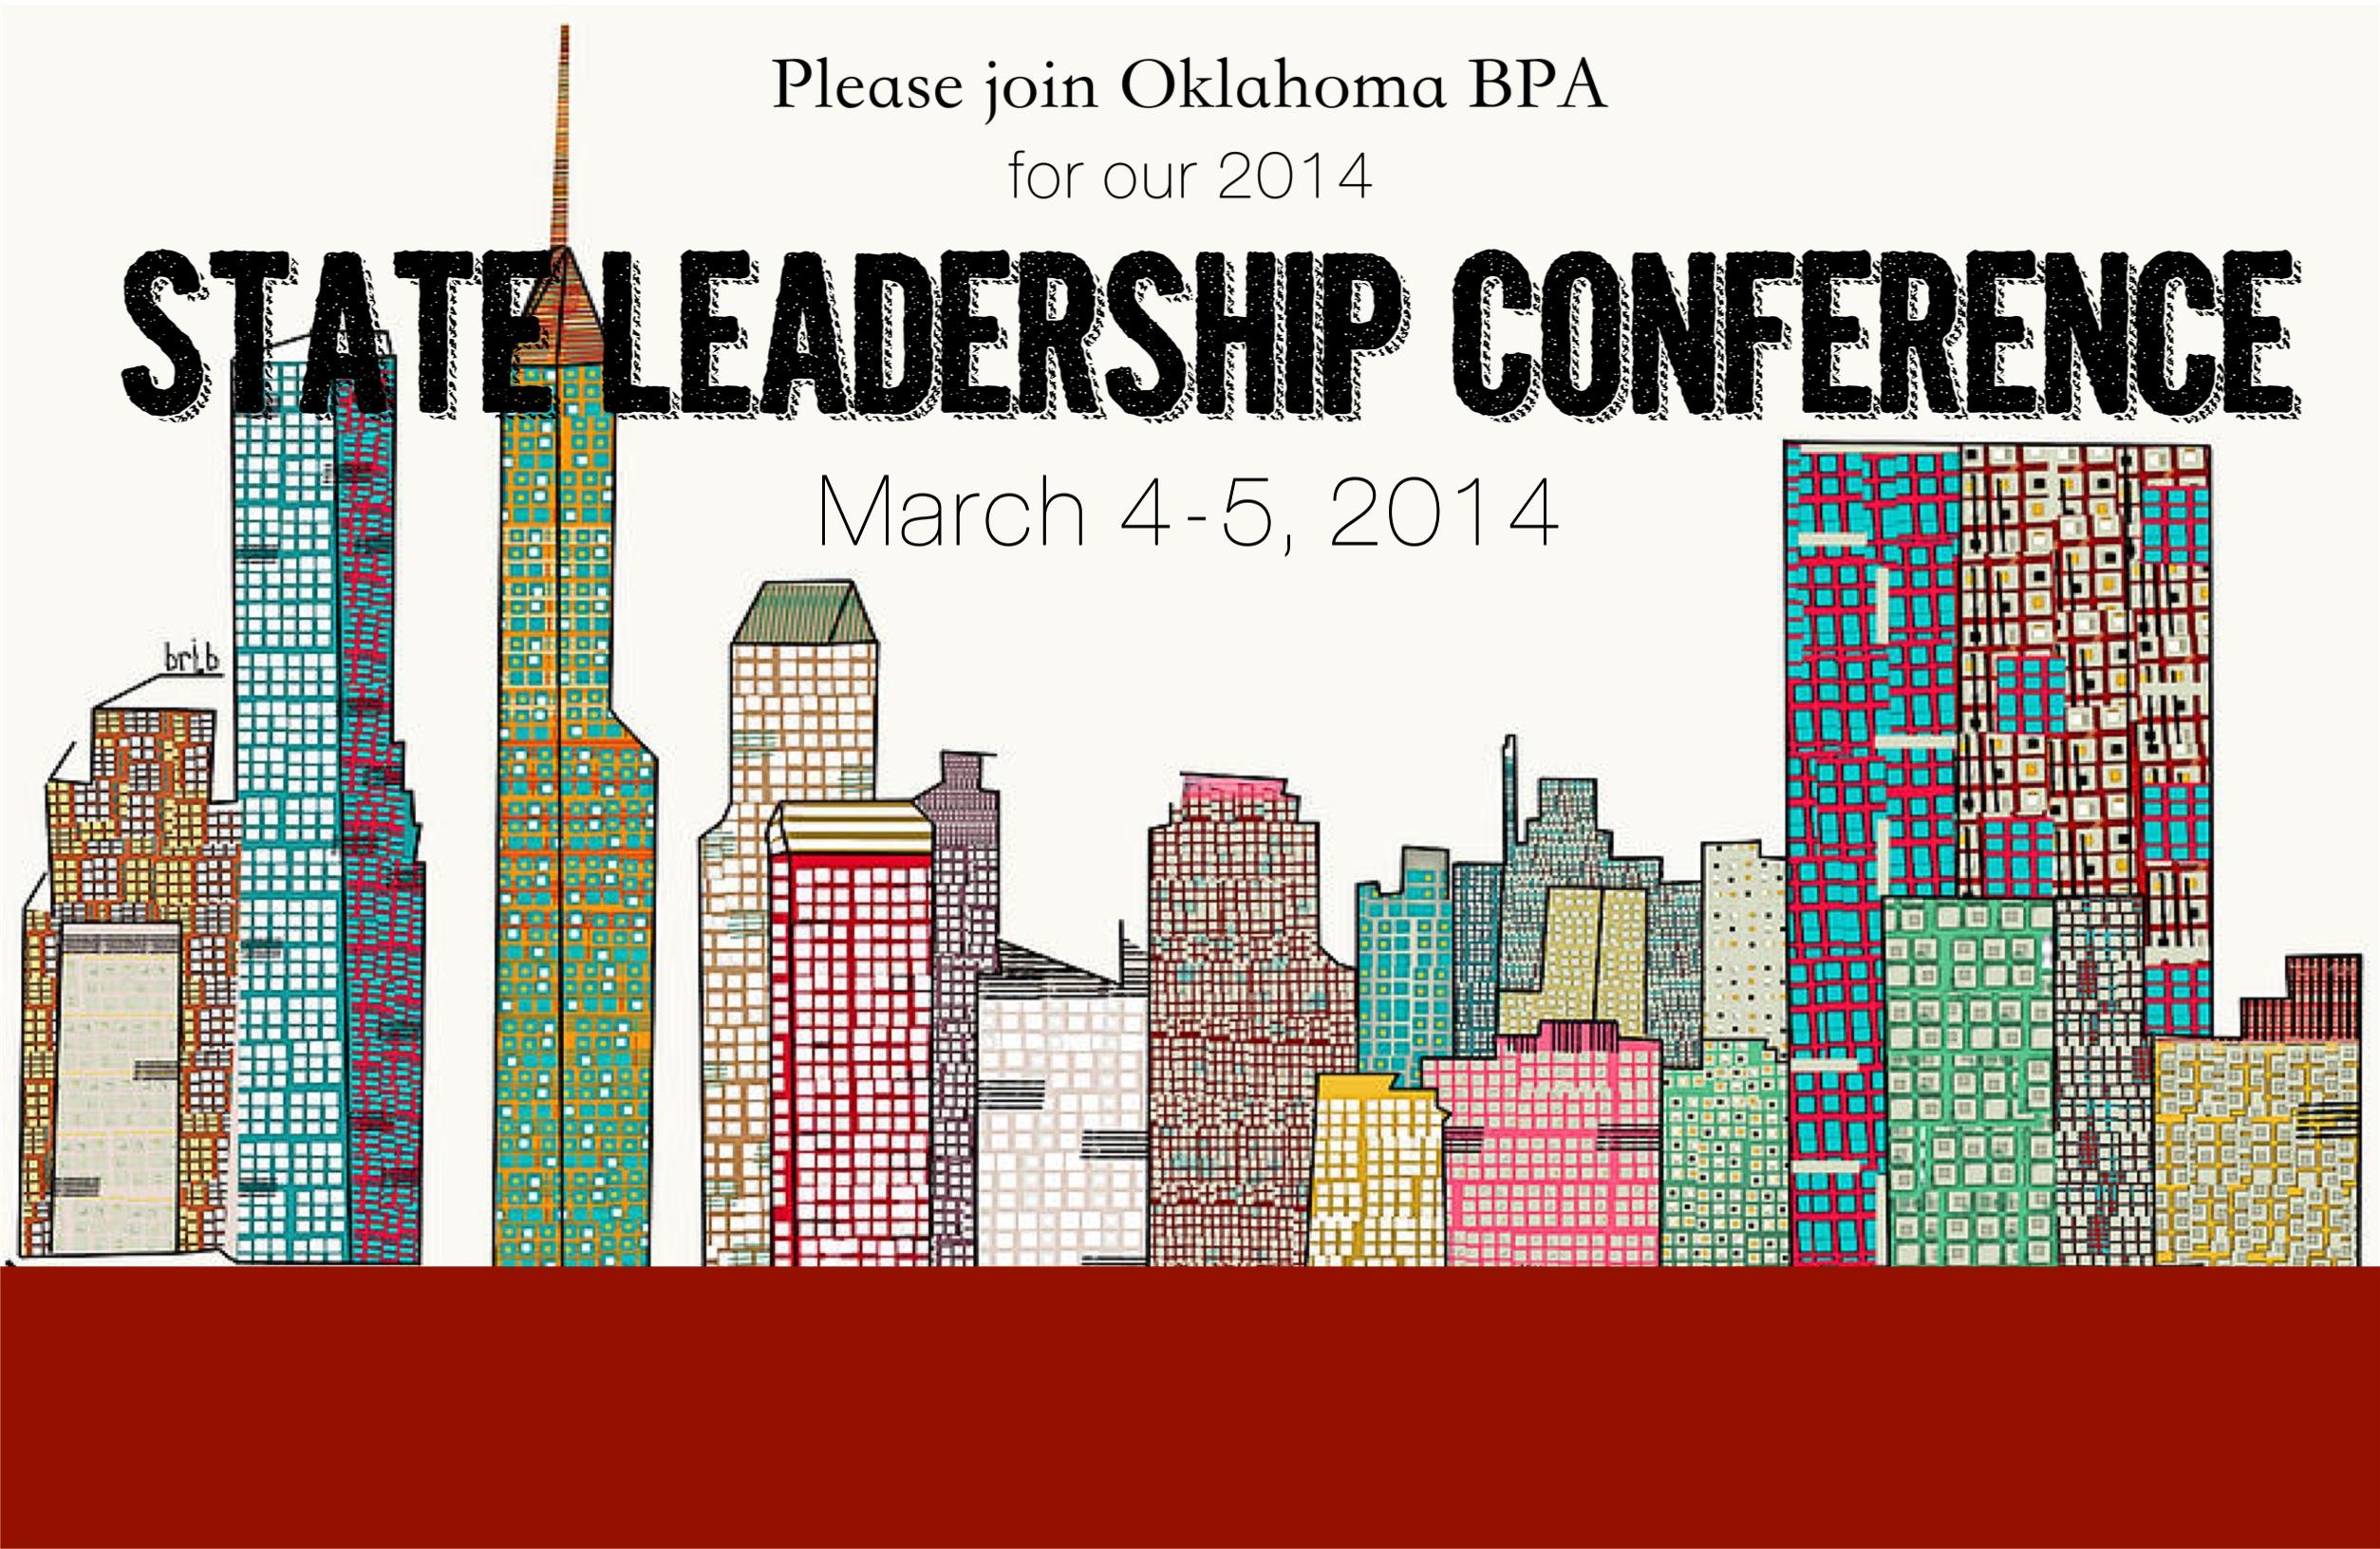 BPA Conference Invitation